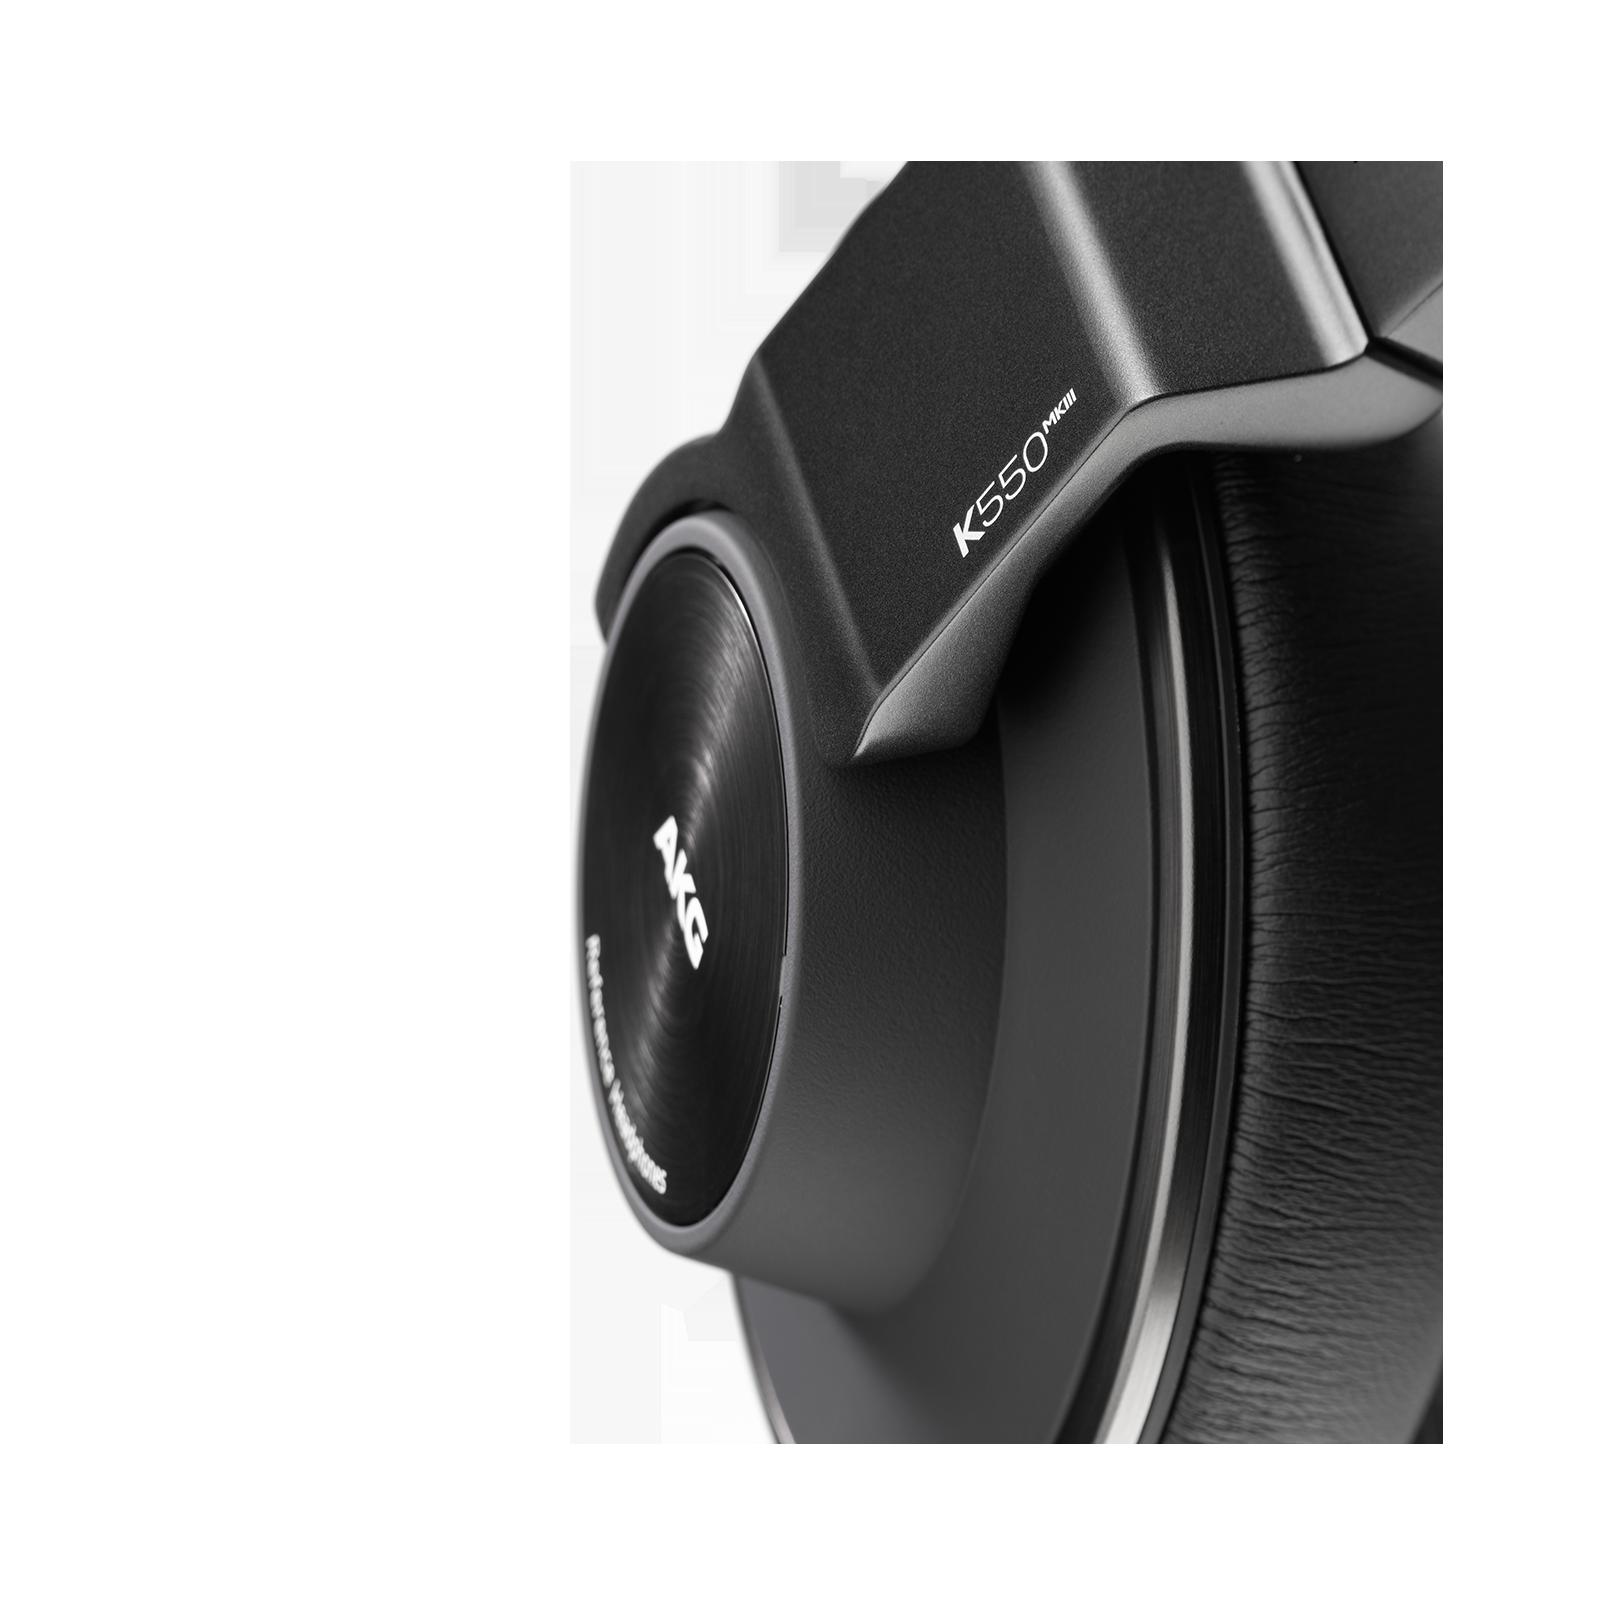 AKG K550 MKIII - Black - Closed-back reference over-ear headphones. - Detailshot 1